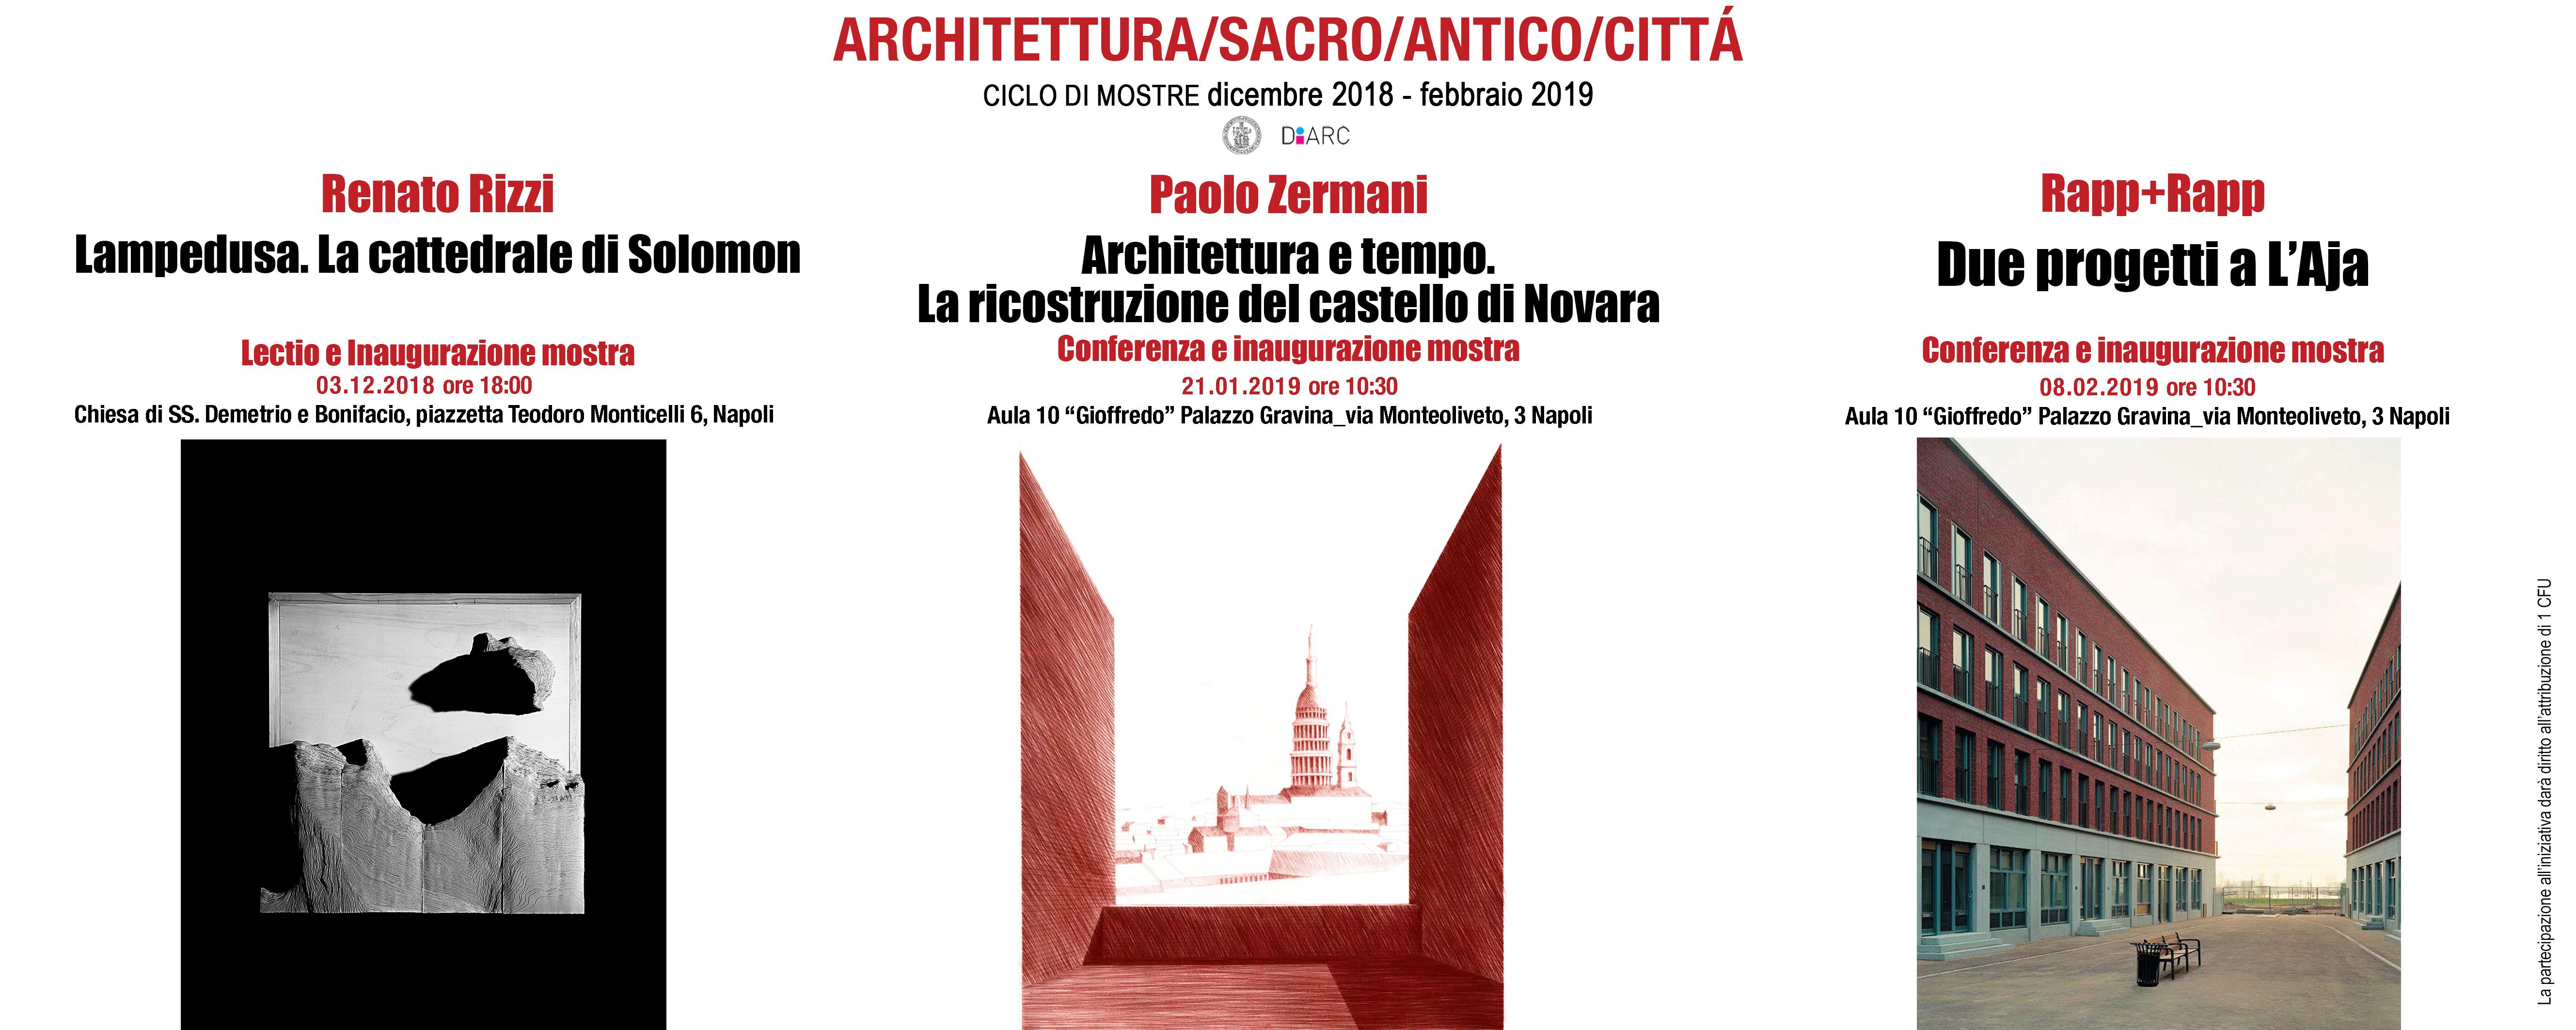 Ciclo di mostre attivita 39 a crediti liberi for Programma di architettura